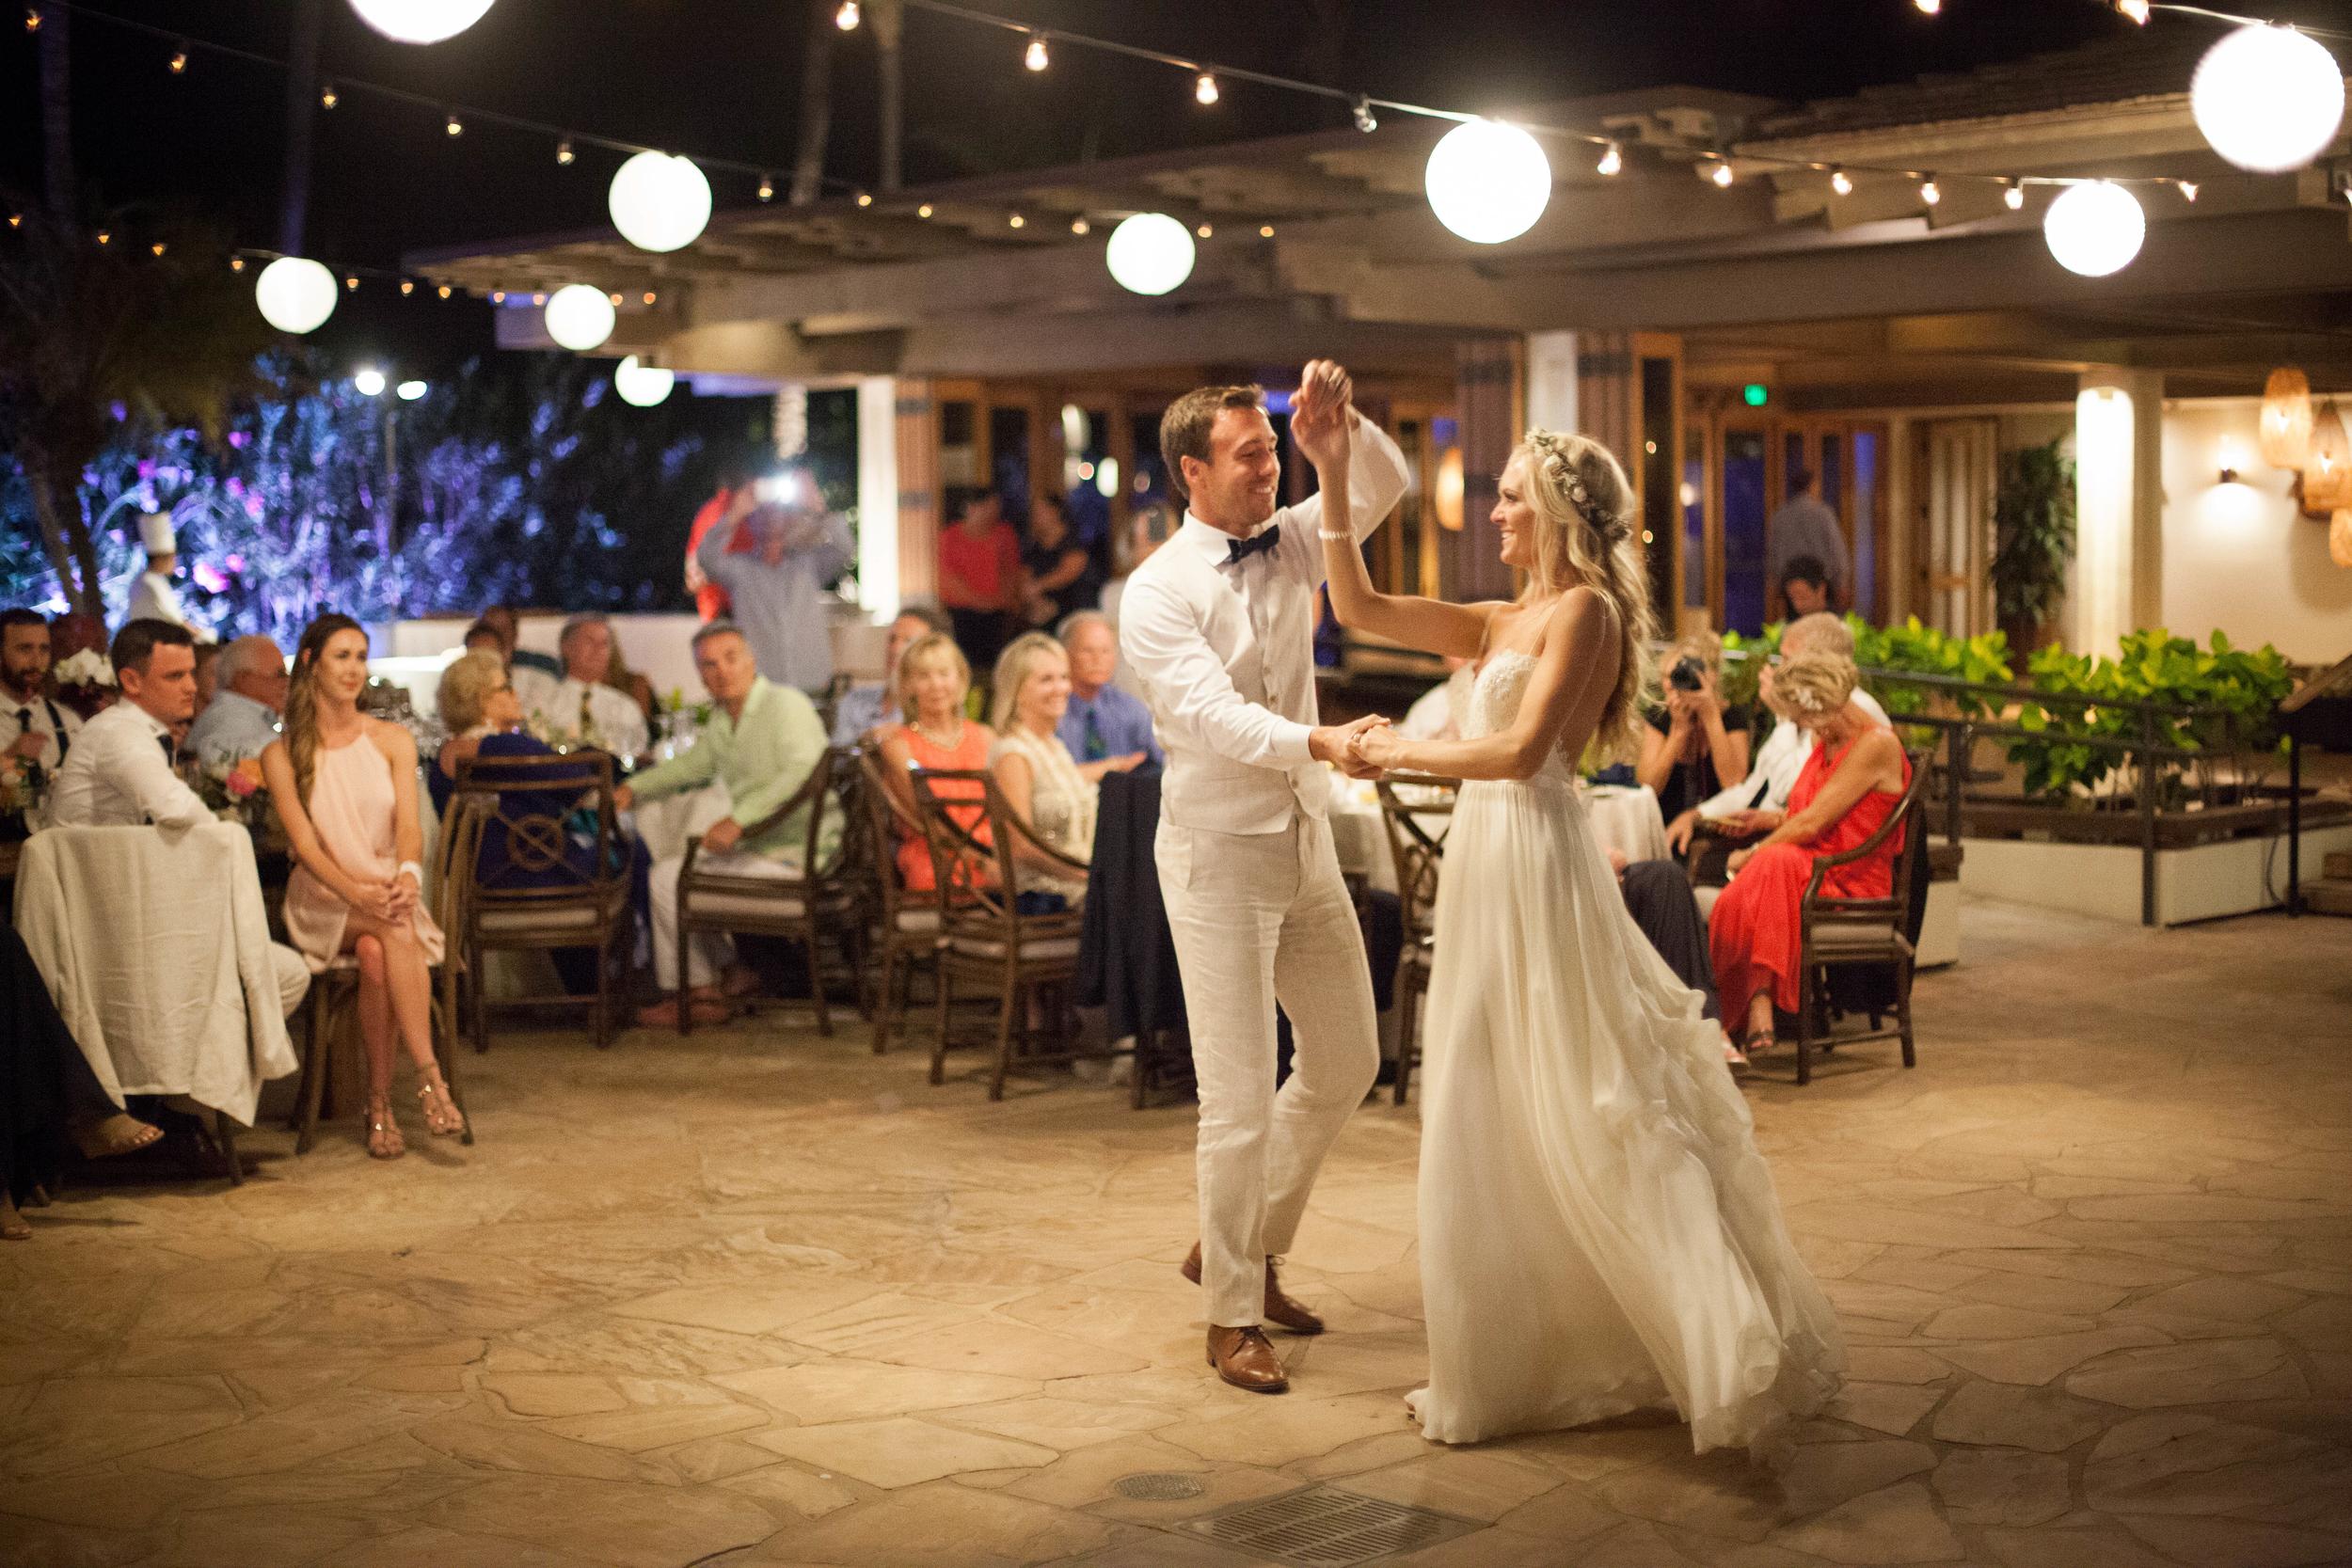 big island hawaii mauna lani resort wedding © kelilina photography 20160131200134-1.jpg